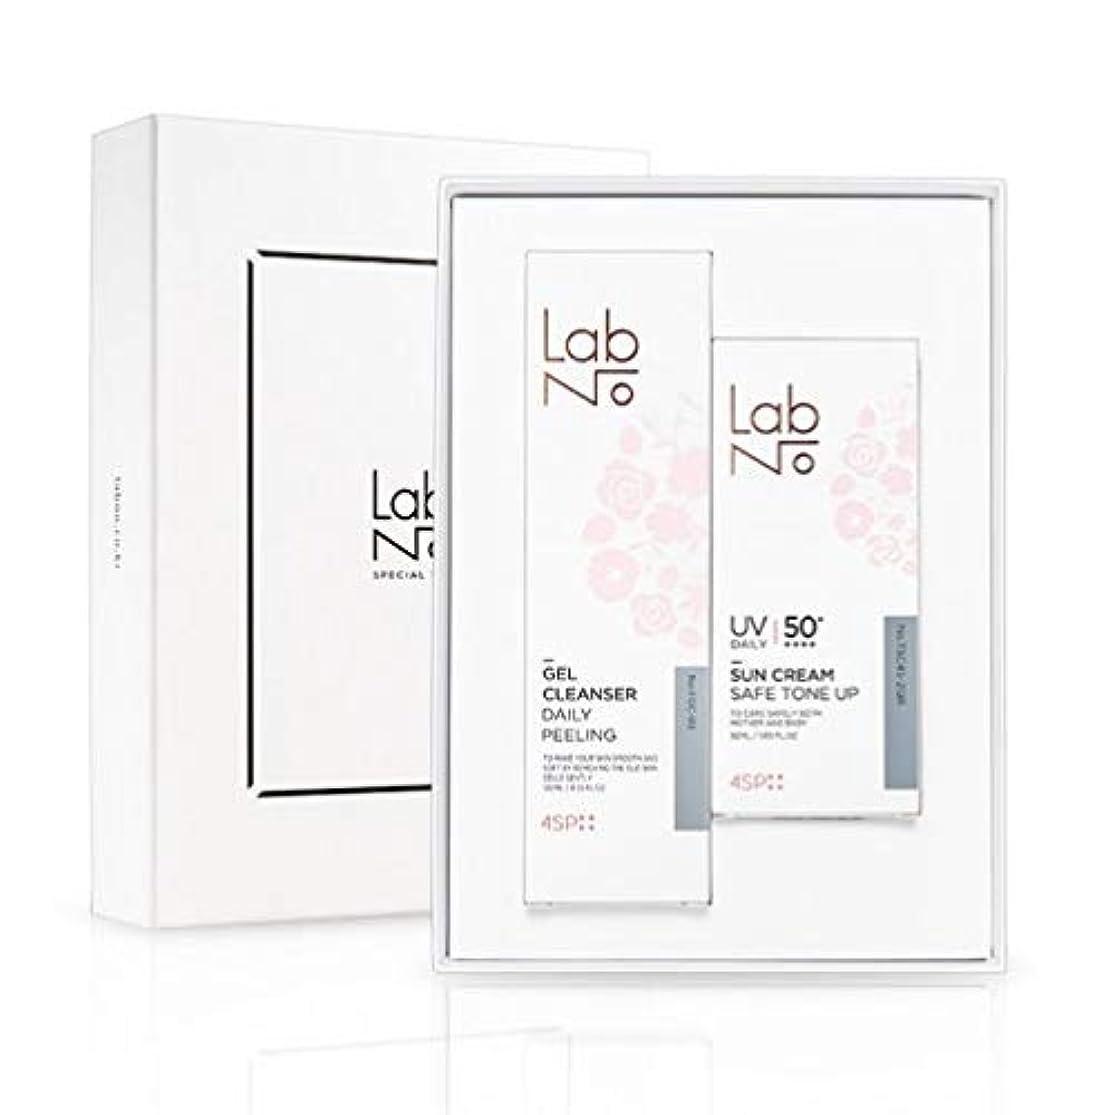 治療告白する不良品LabNo ジェルクレンザー + 日焼け止め セット / Gel Cleanser + Sun Cream Set / SPF50PA++++ [並行輸入品]